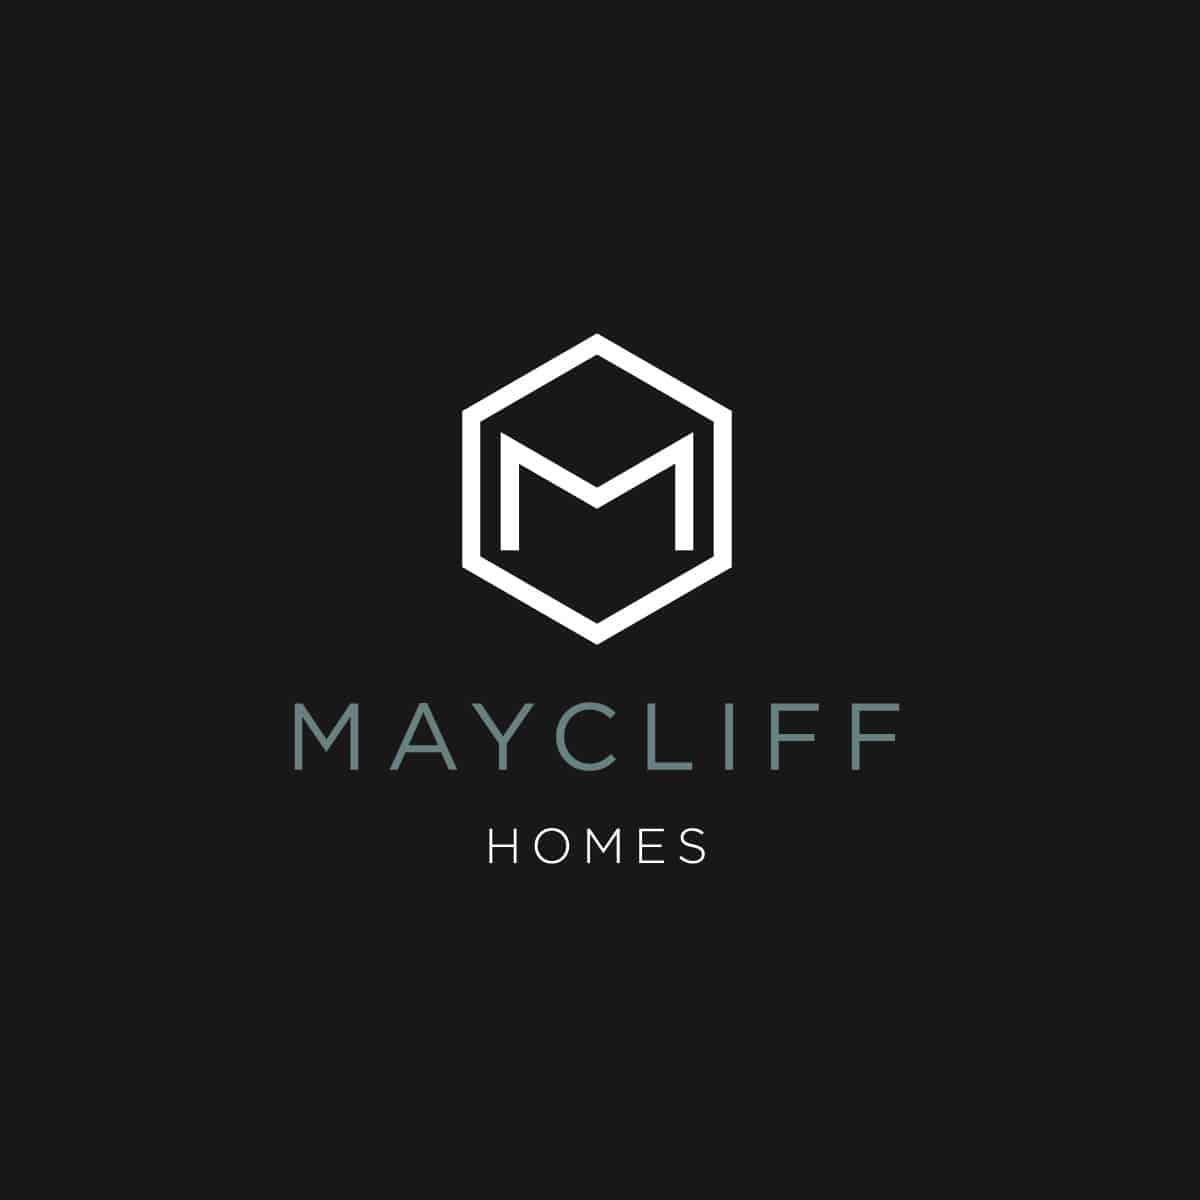 Maycliff_Homes_by_Stellen_Design-01